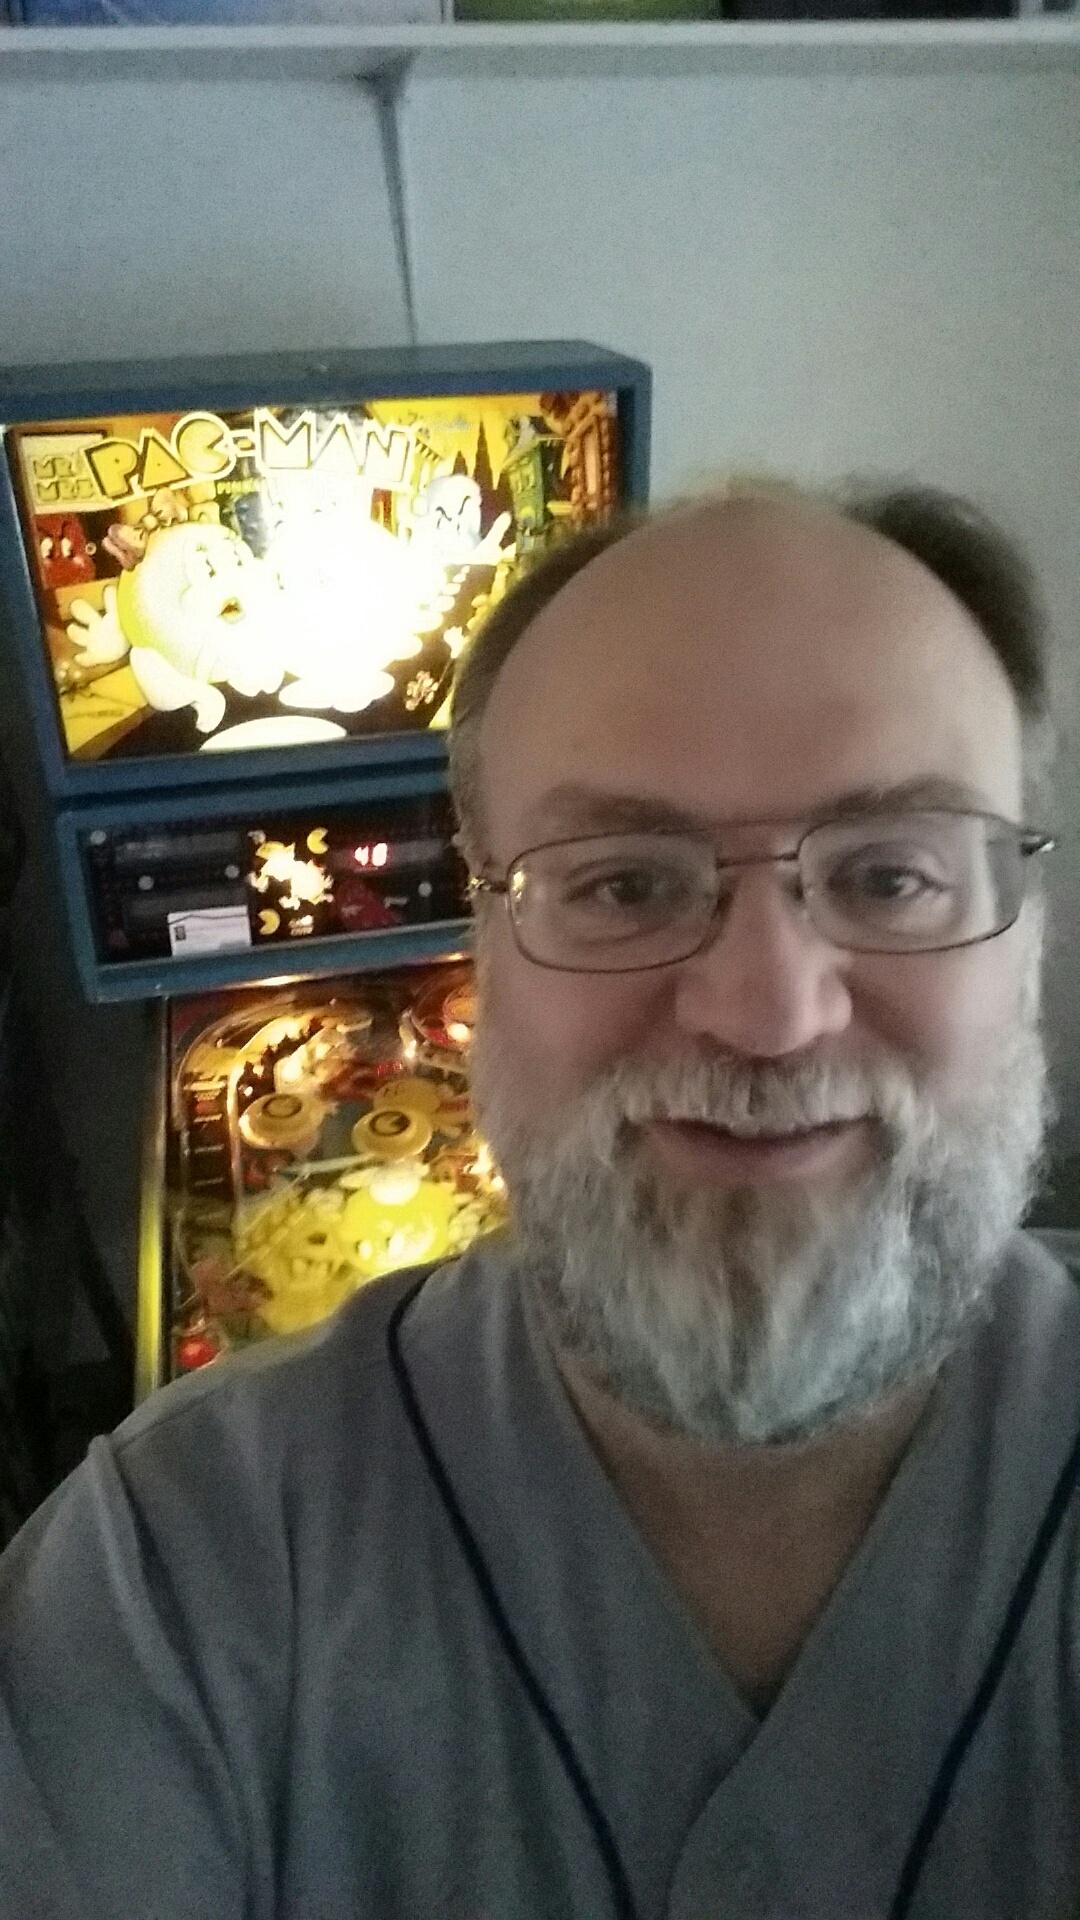 SeanStewart: Mr. & Mrs. Pac-Man (Pinball: 3 Balls) 2,814,120 points on 2017-11-11 17:54:38